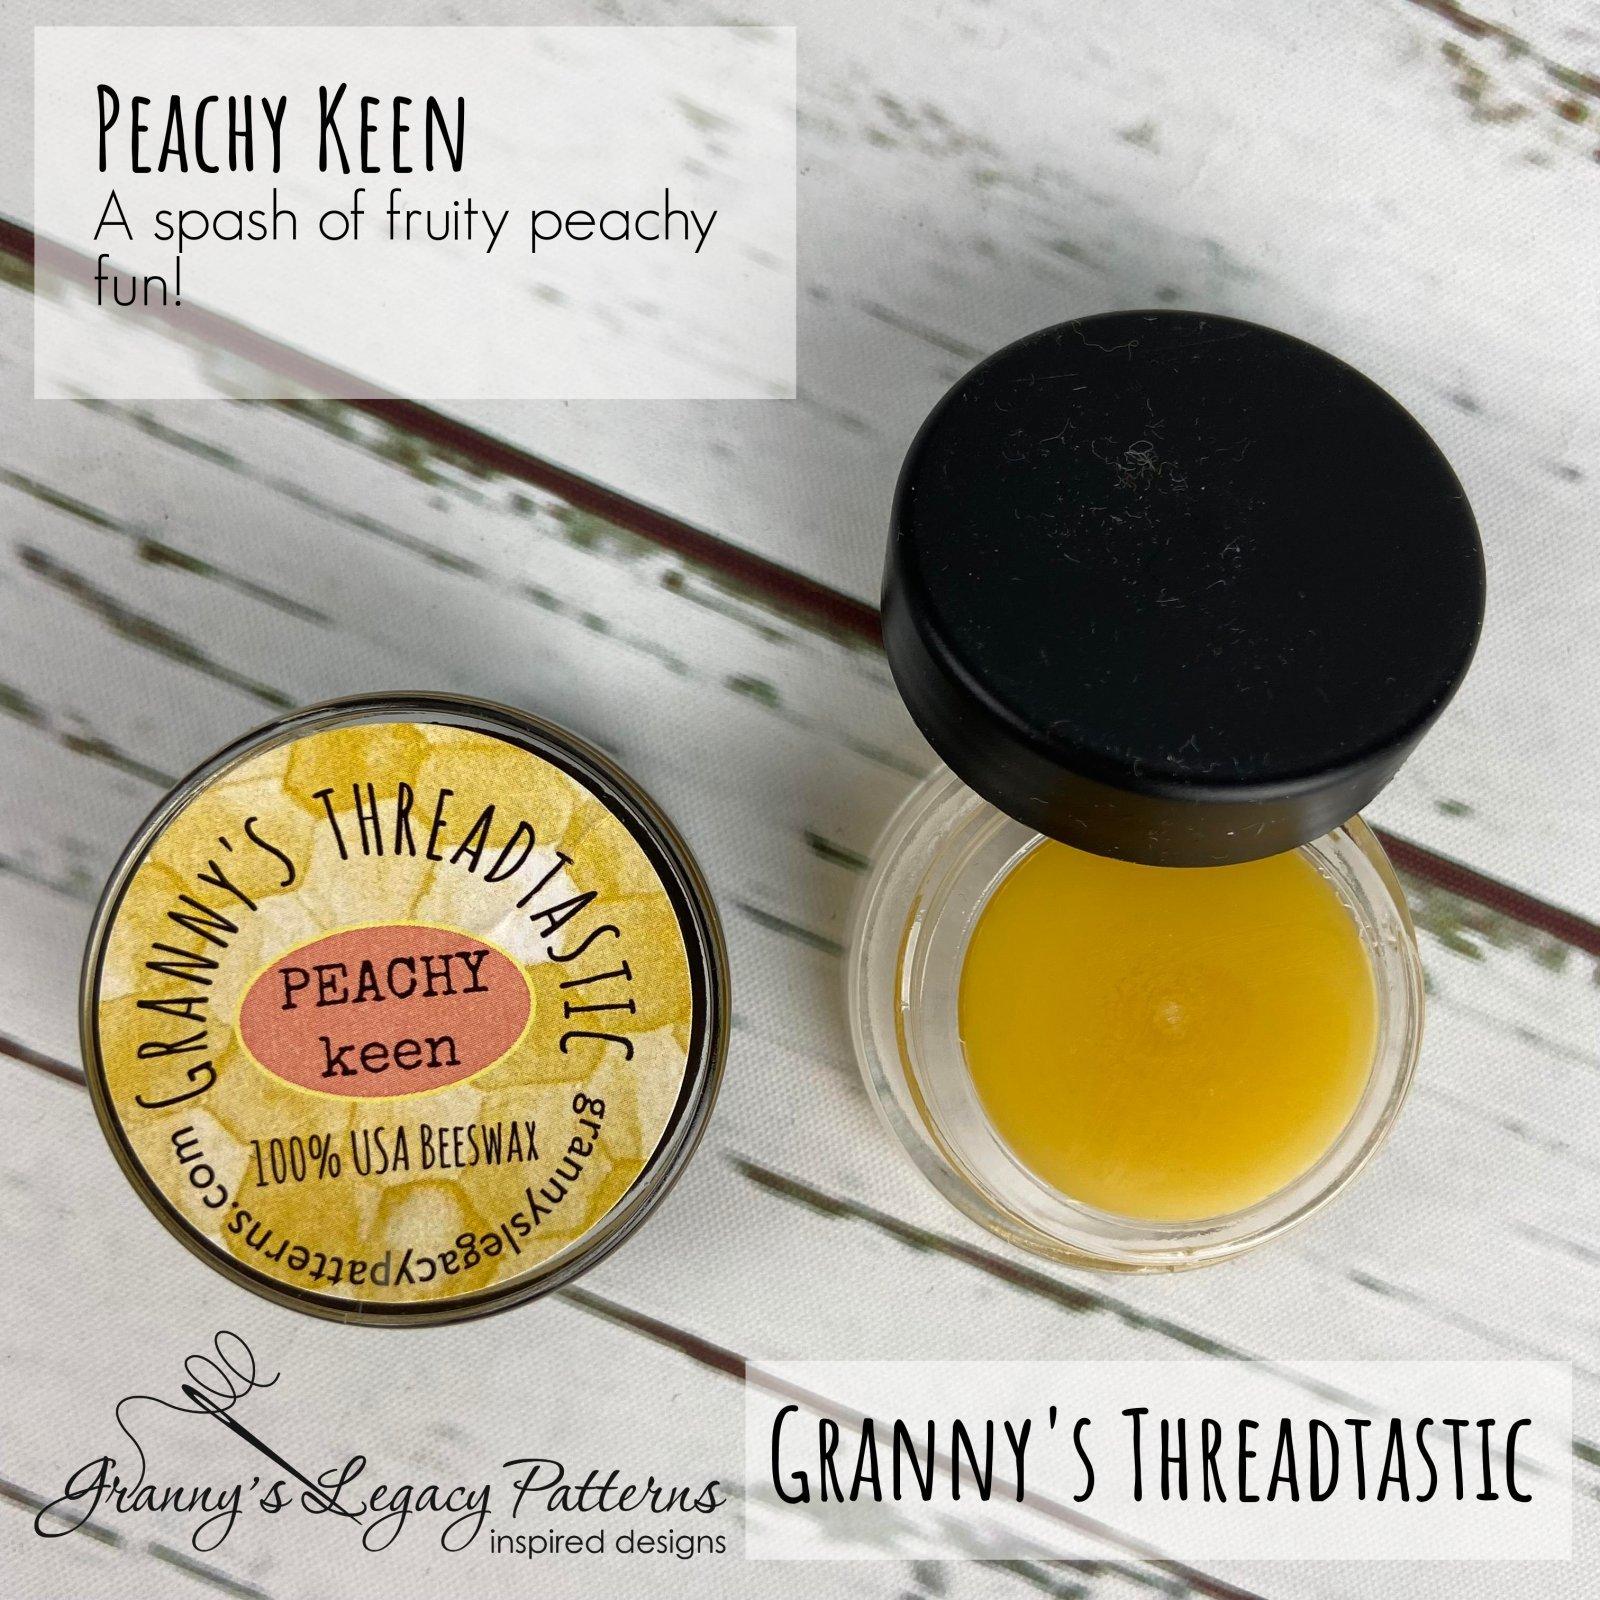 Granny's Threadtastic Peachy Keen